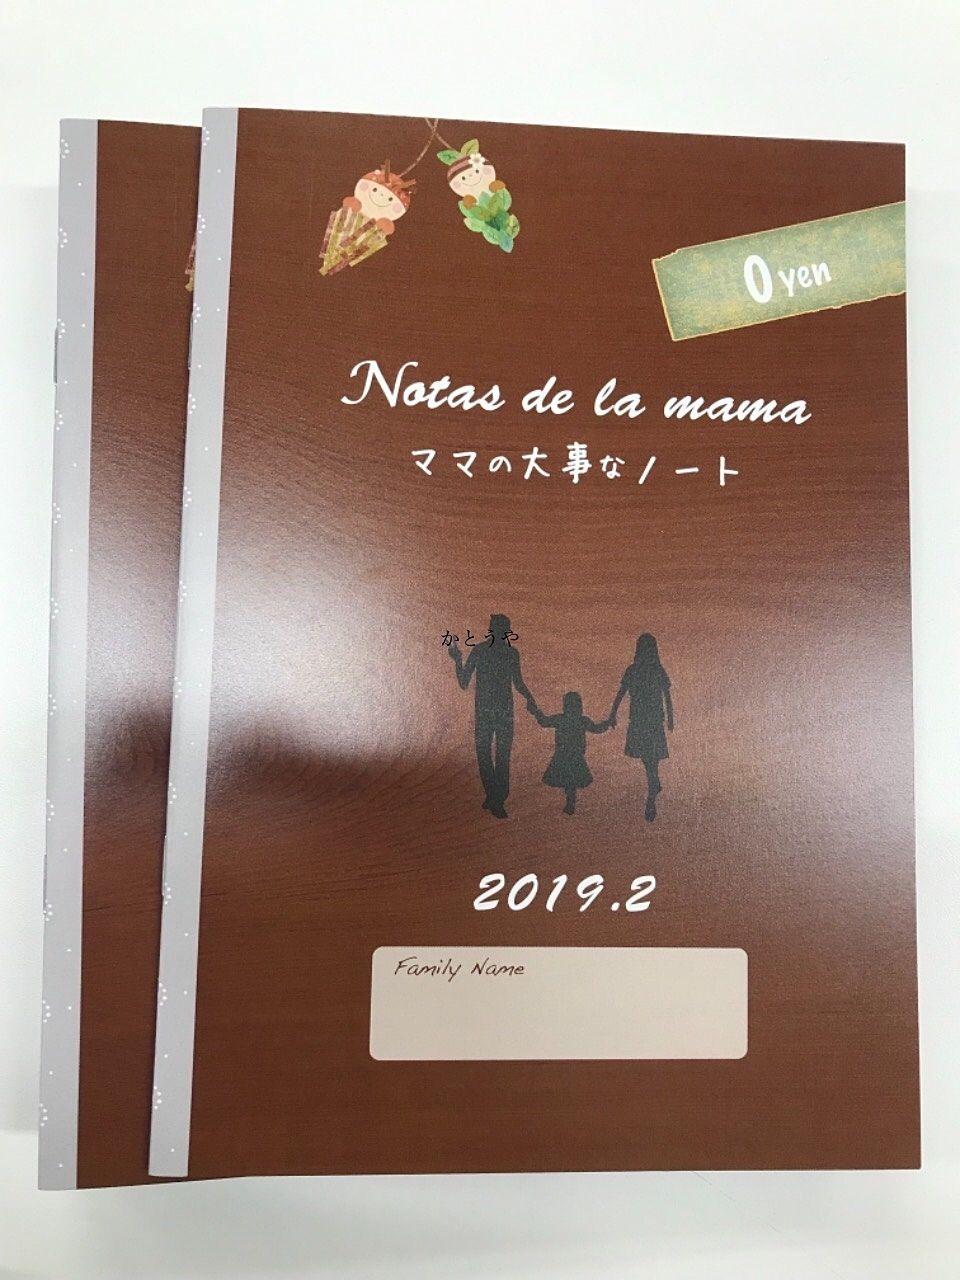 本日より流山セントラルパーク駅前でも配布開始しました、ママの大事なノート2月号です。